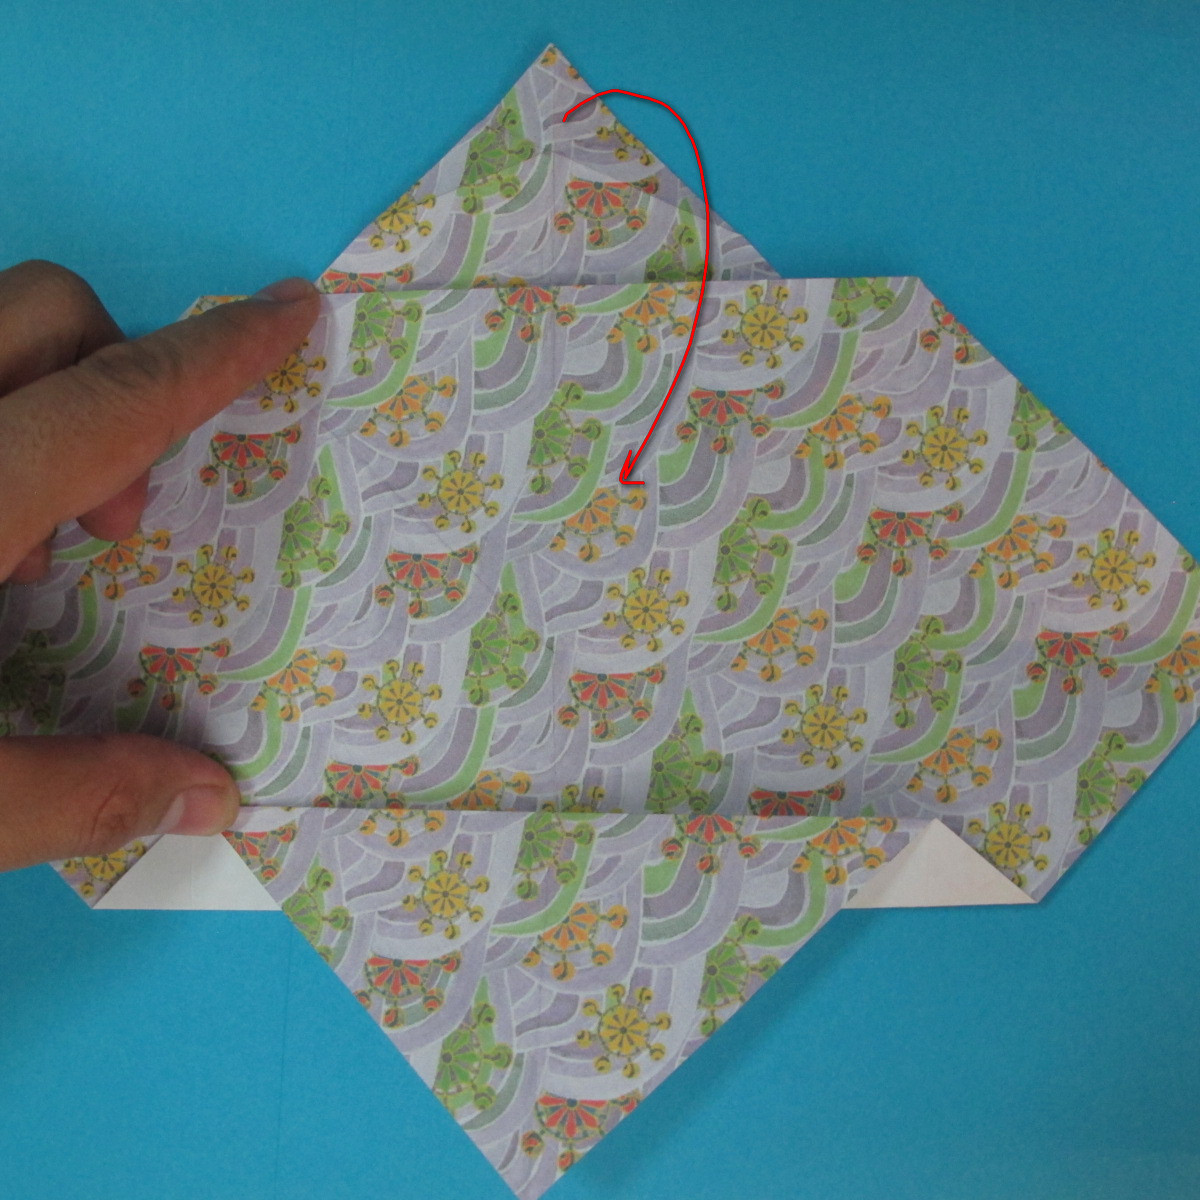 สอนวิธีพับกระดาษเป็นช้าง (แบบของ Fumiaki Kawahata) 024